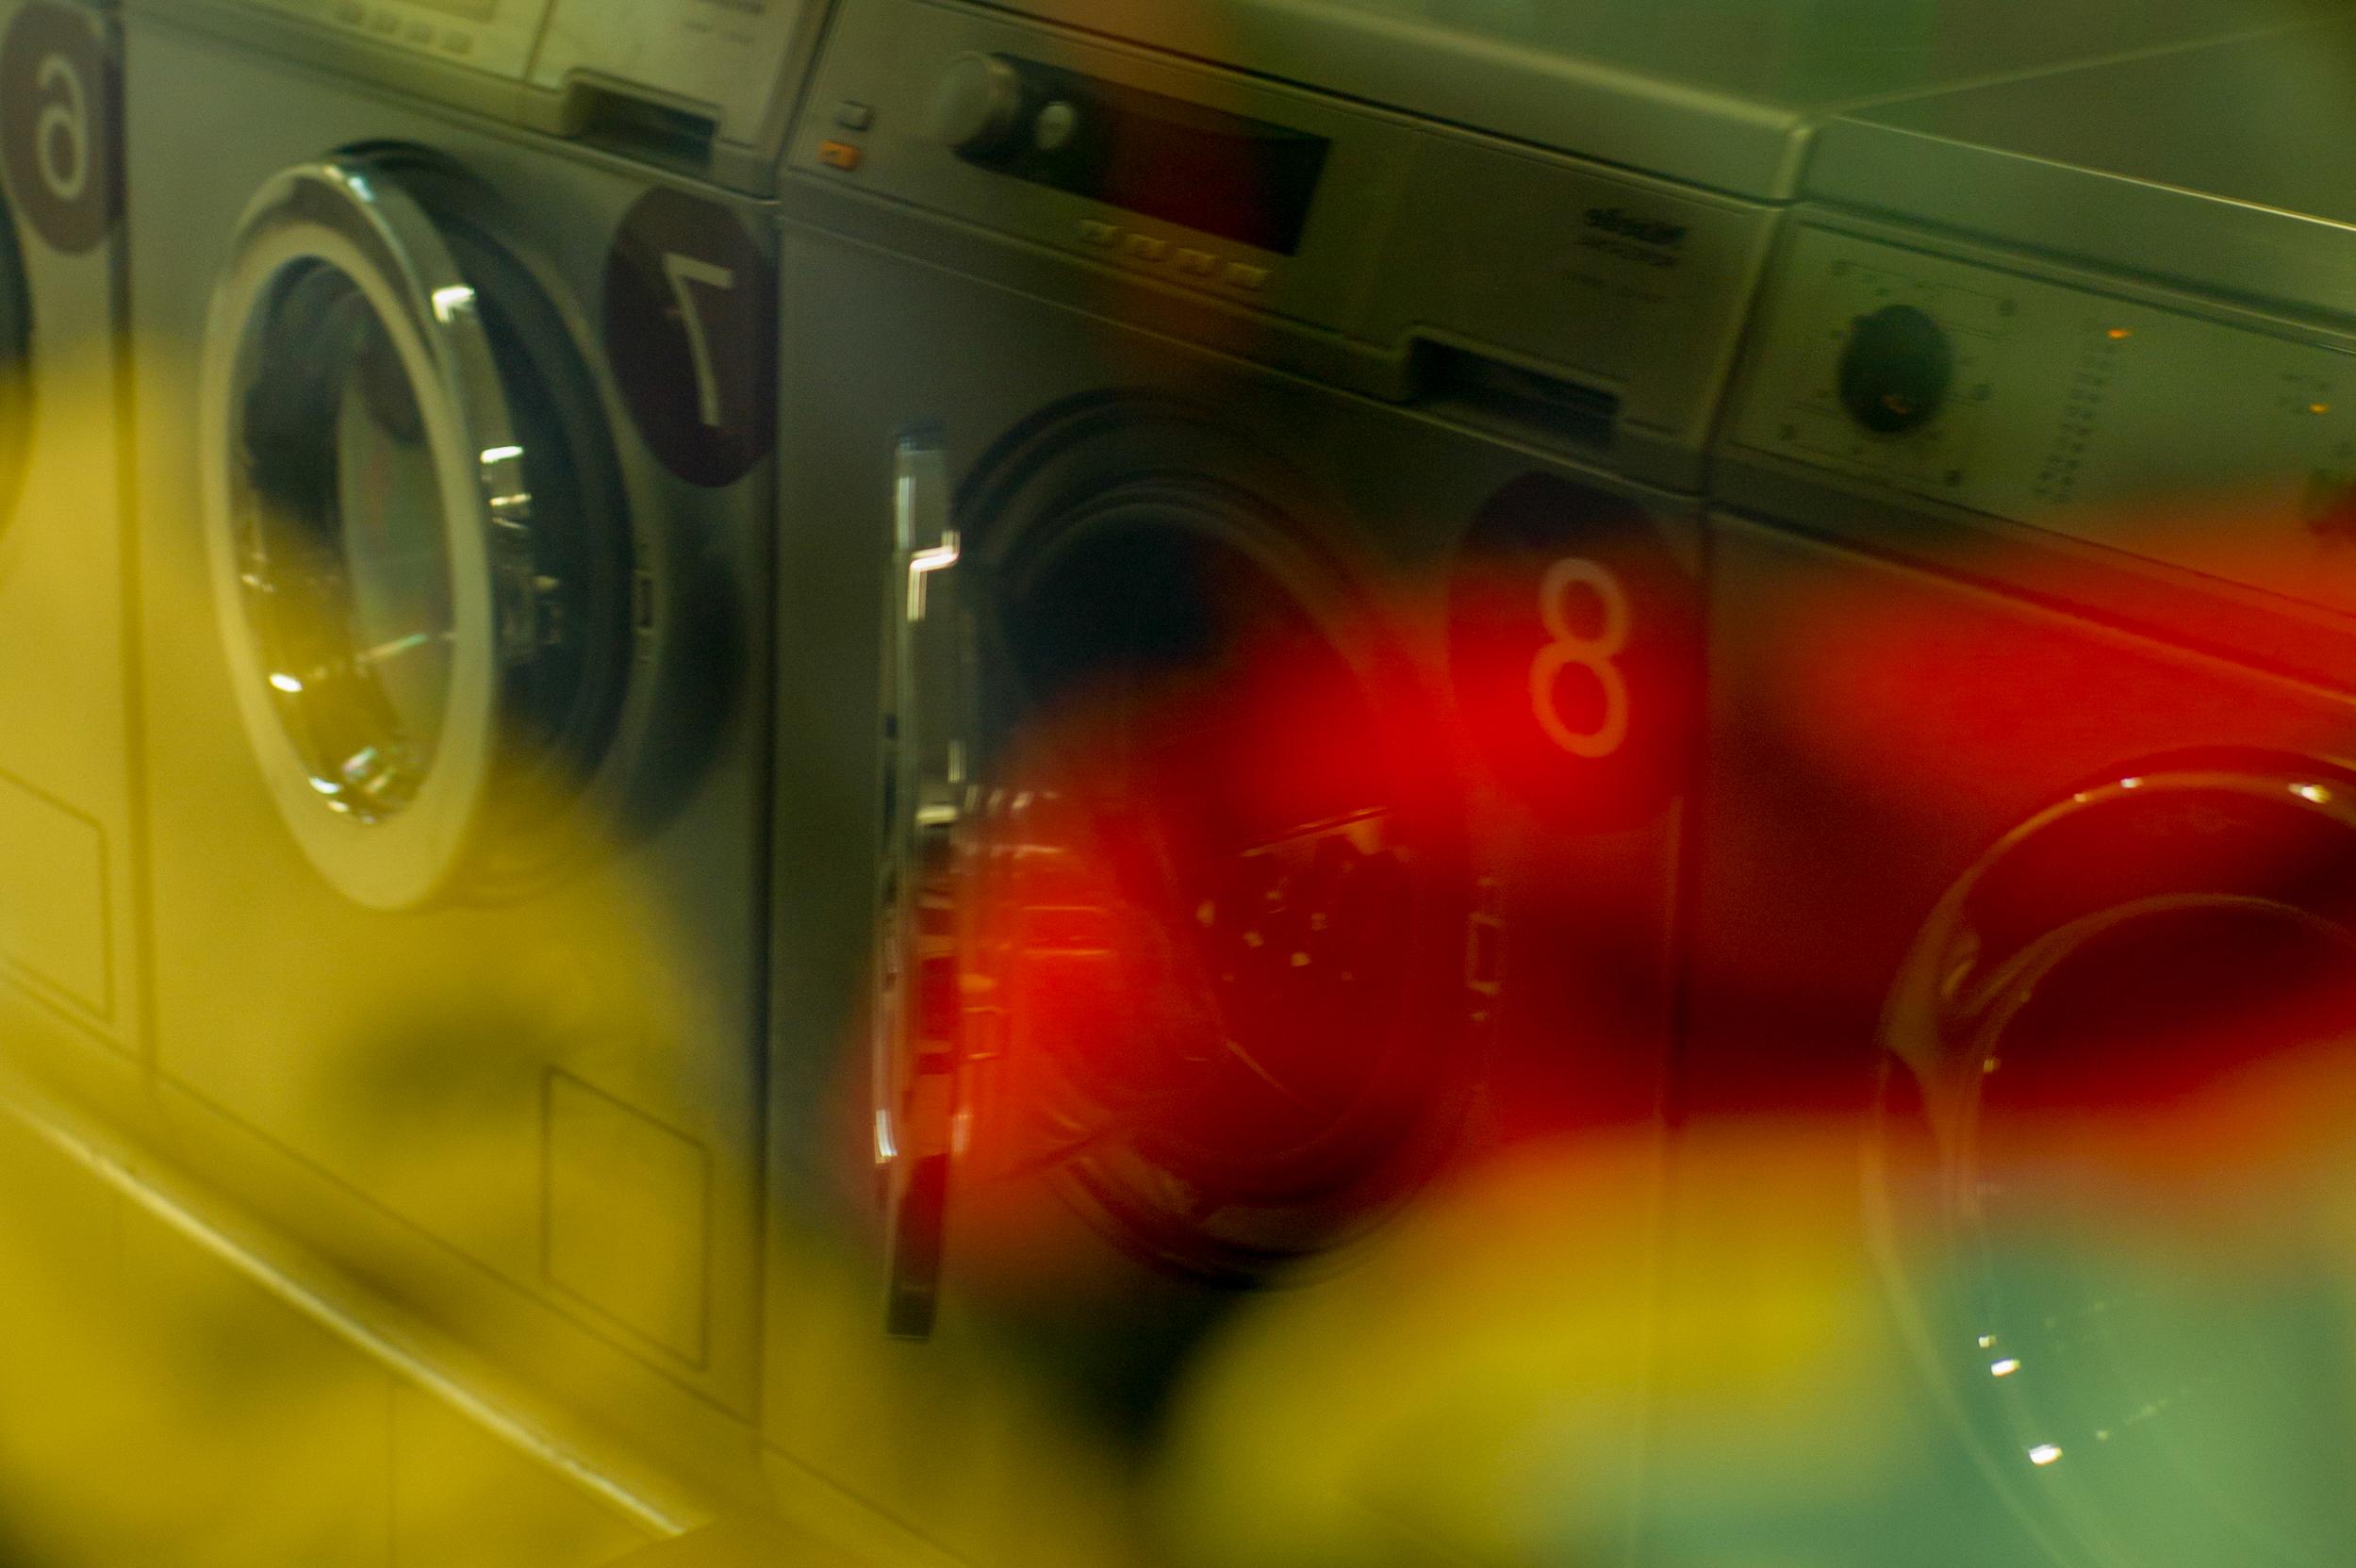 Etude des laveries parisiennes